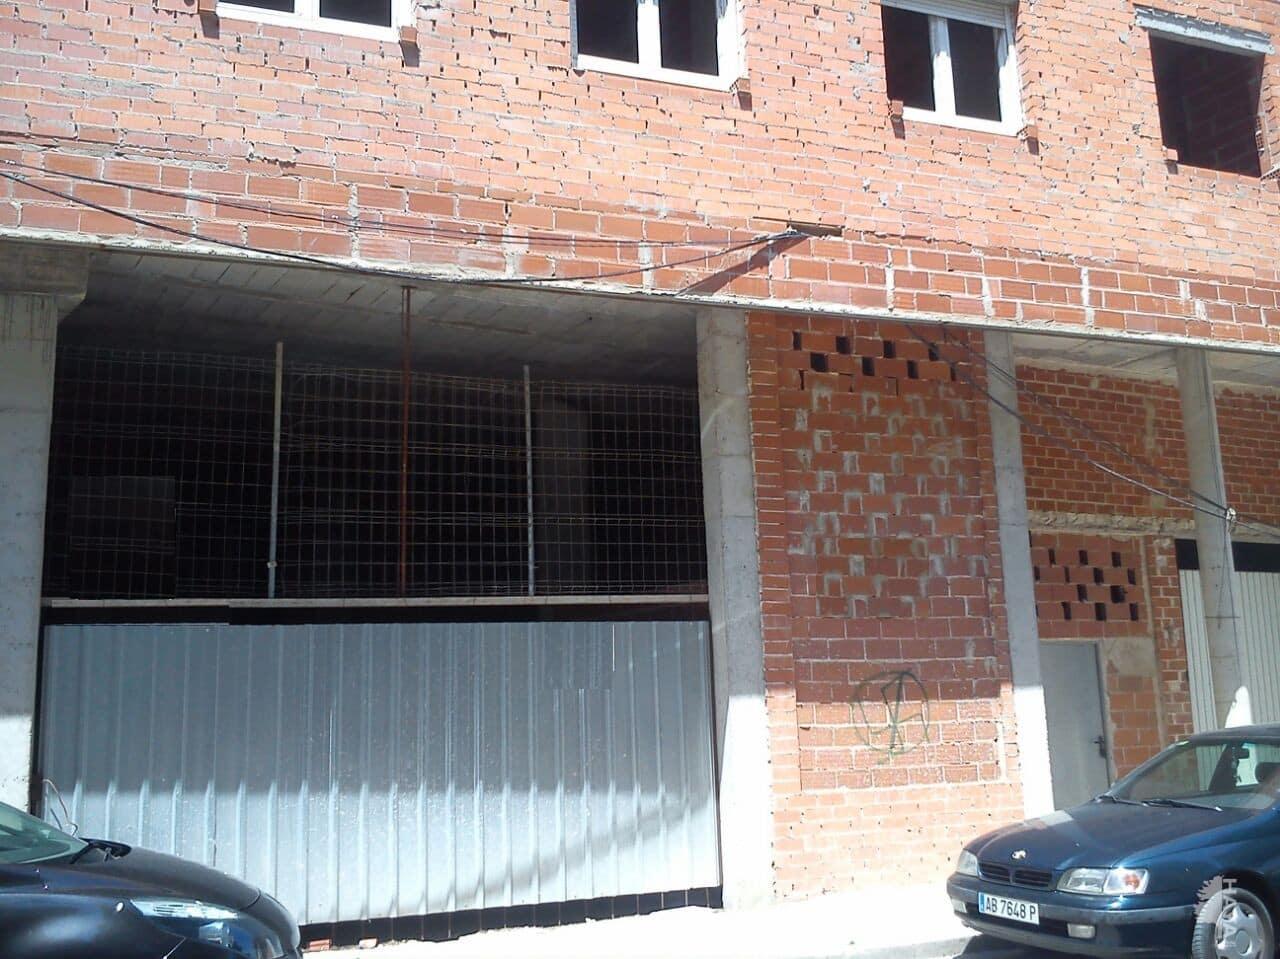 Piso en venta en La Roda, Albacete, Calle Juan Garcia Glz, 32.300 €, 1 habitación, 1 baño, 79 m2